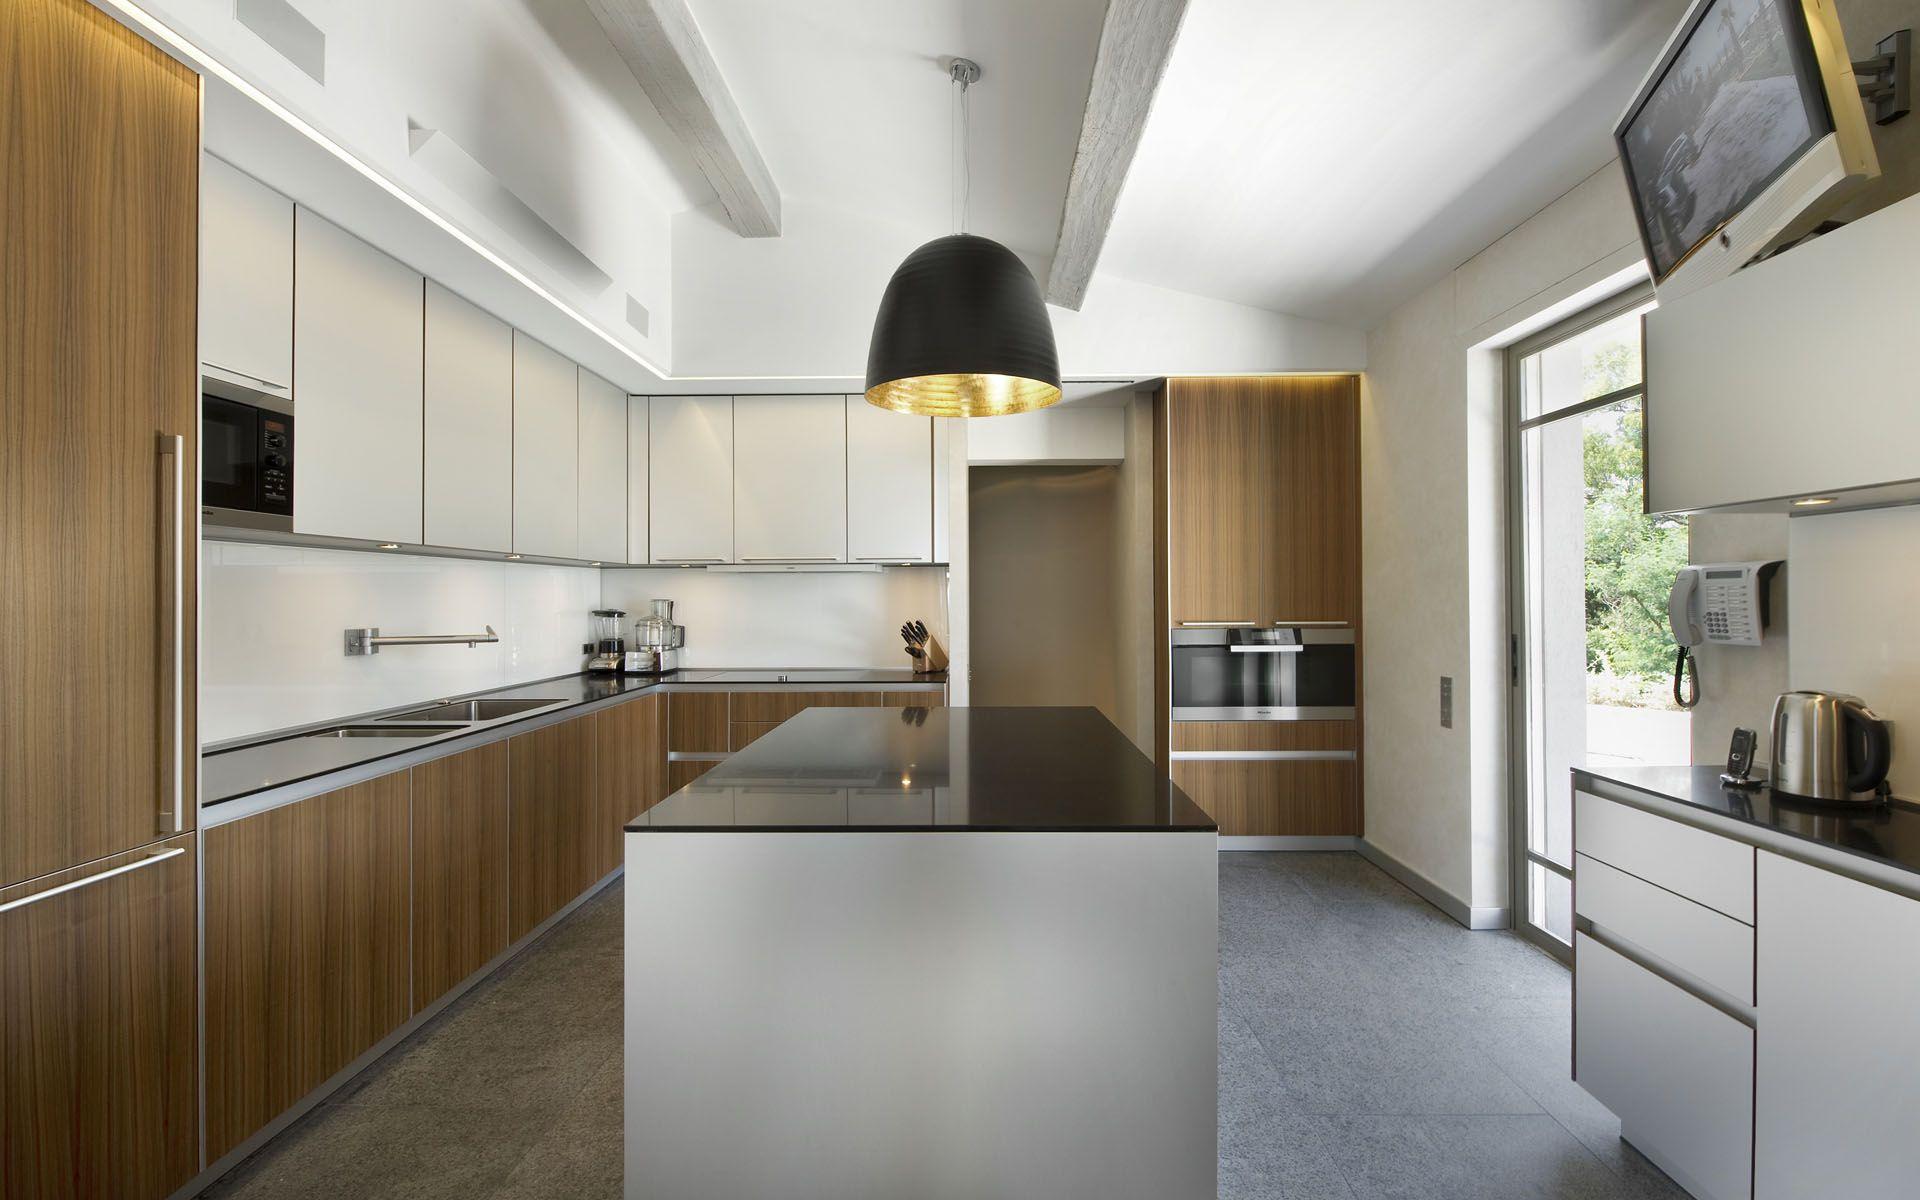 modern kitchen designs 25 AMAZING MINIMALIST KITCHEN DESIGN IDEAS